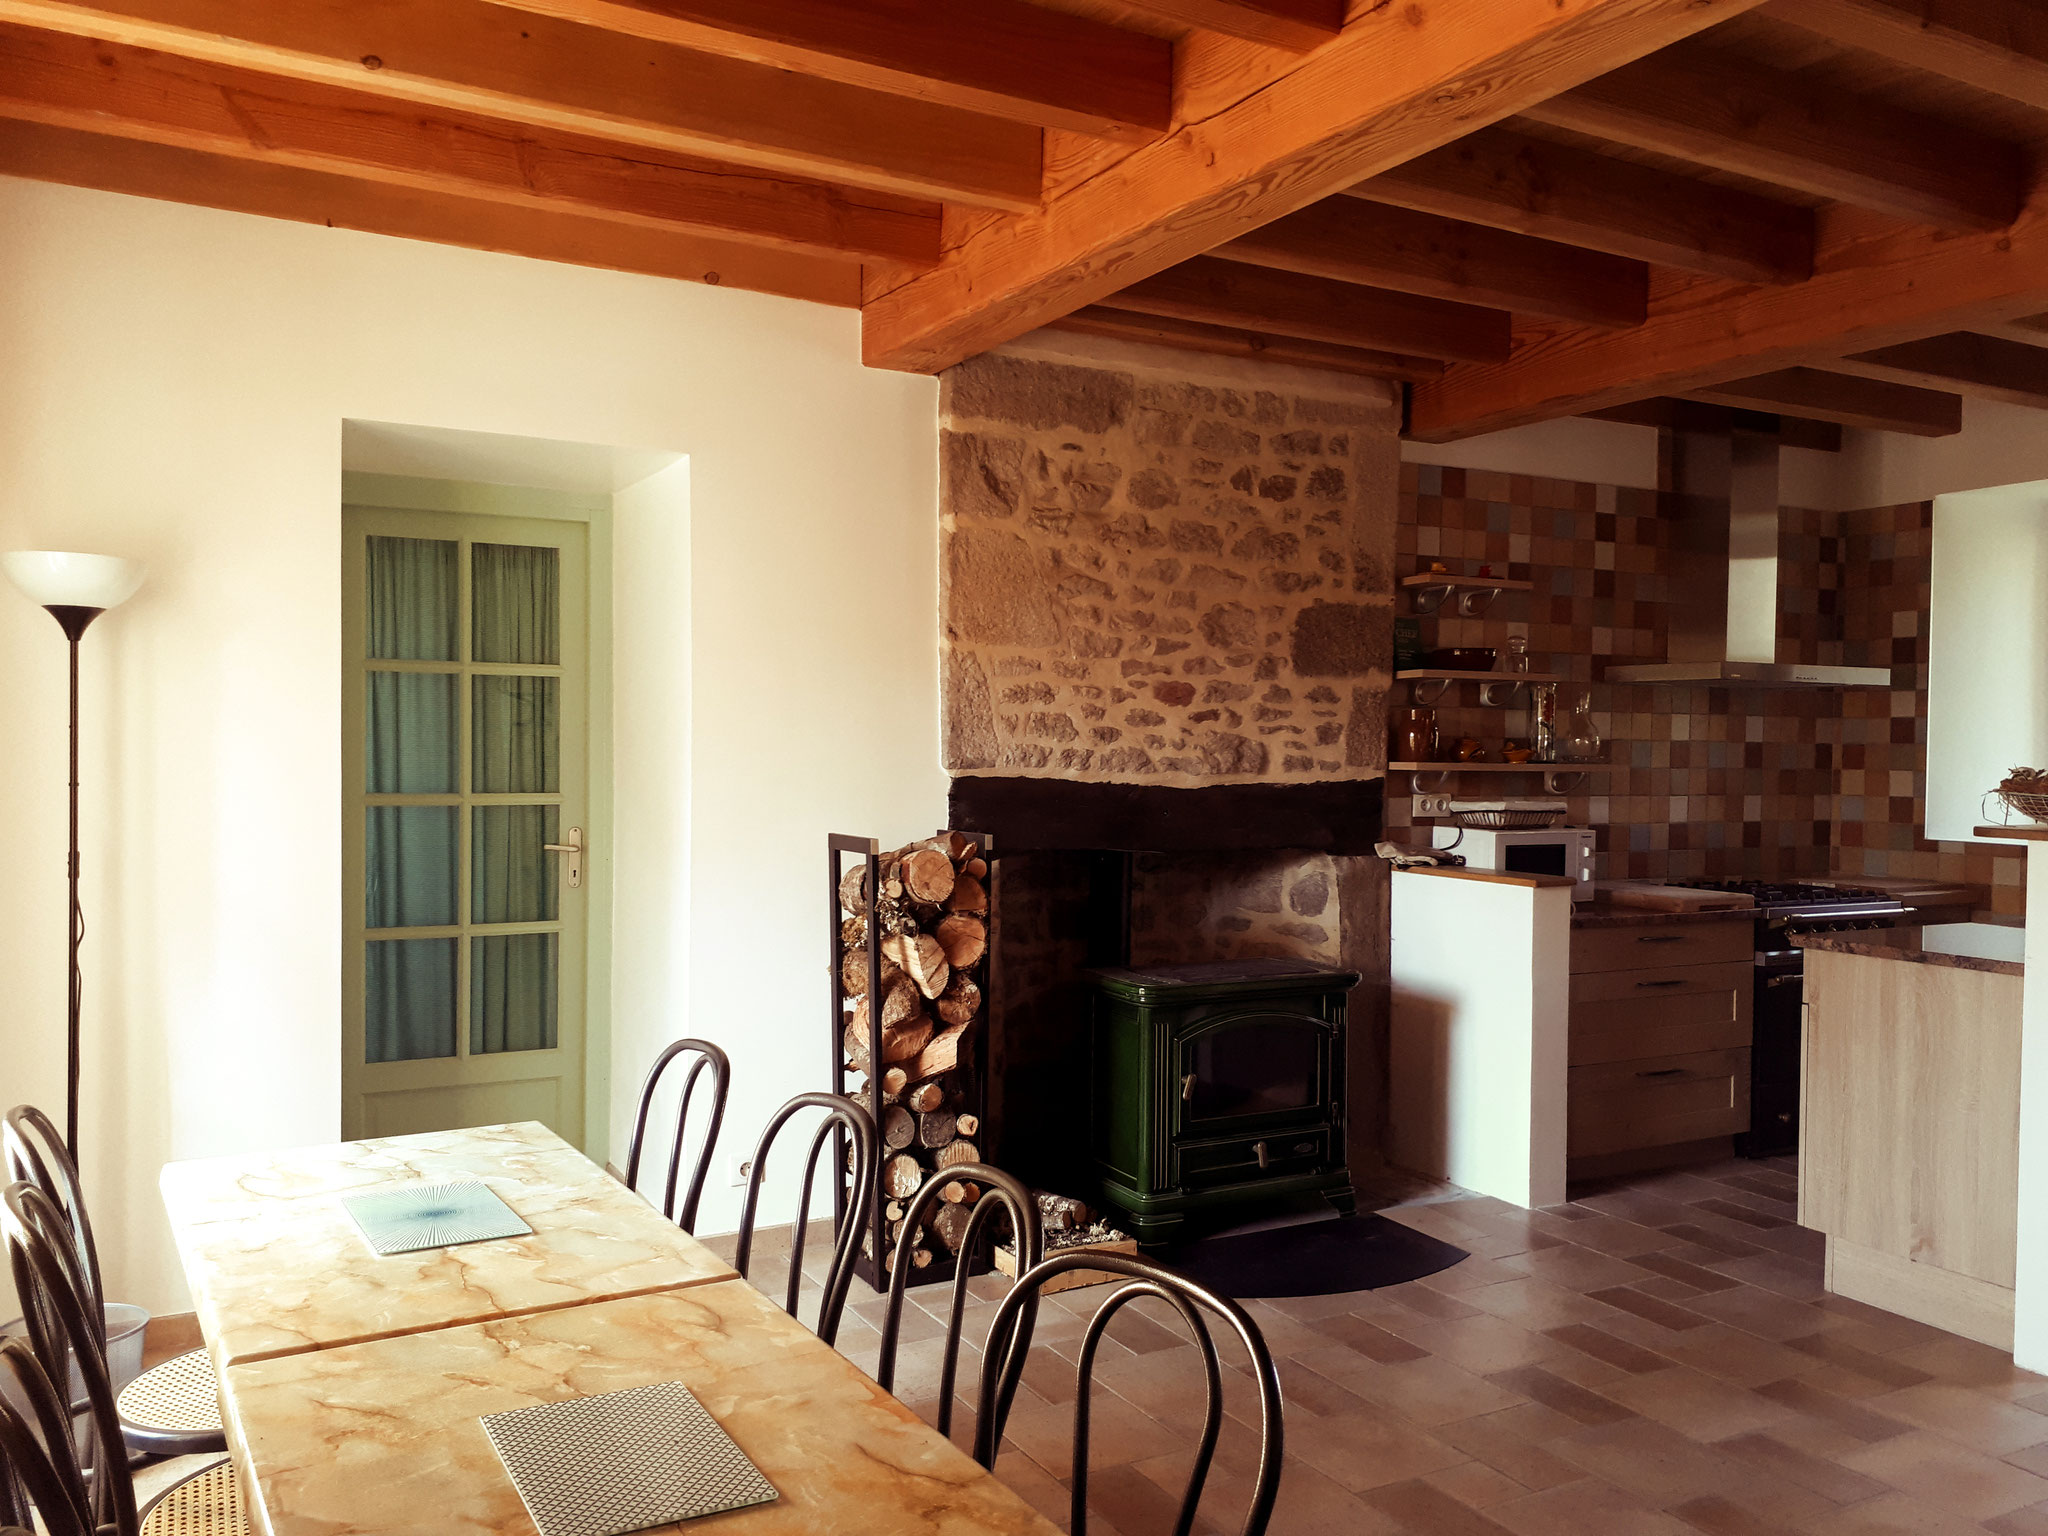 Cuisine et salle à manger avec Poêle à bois.